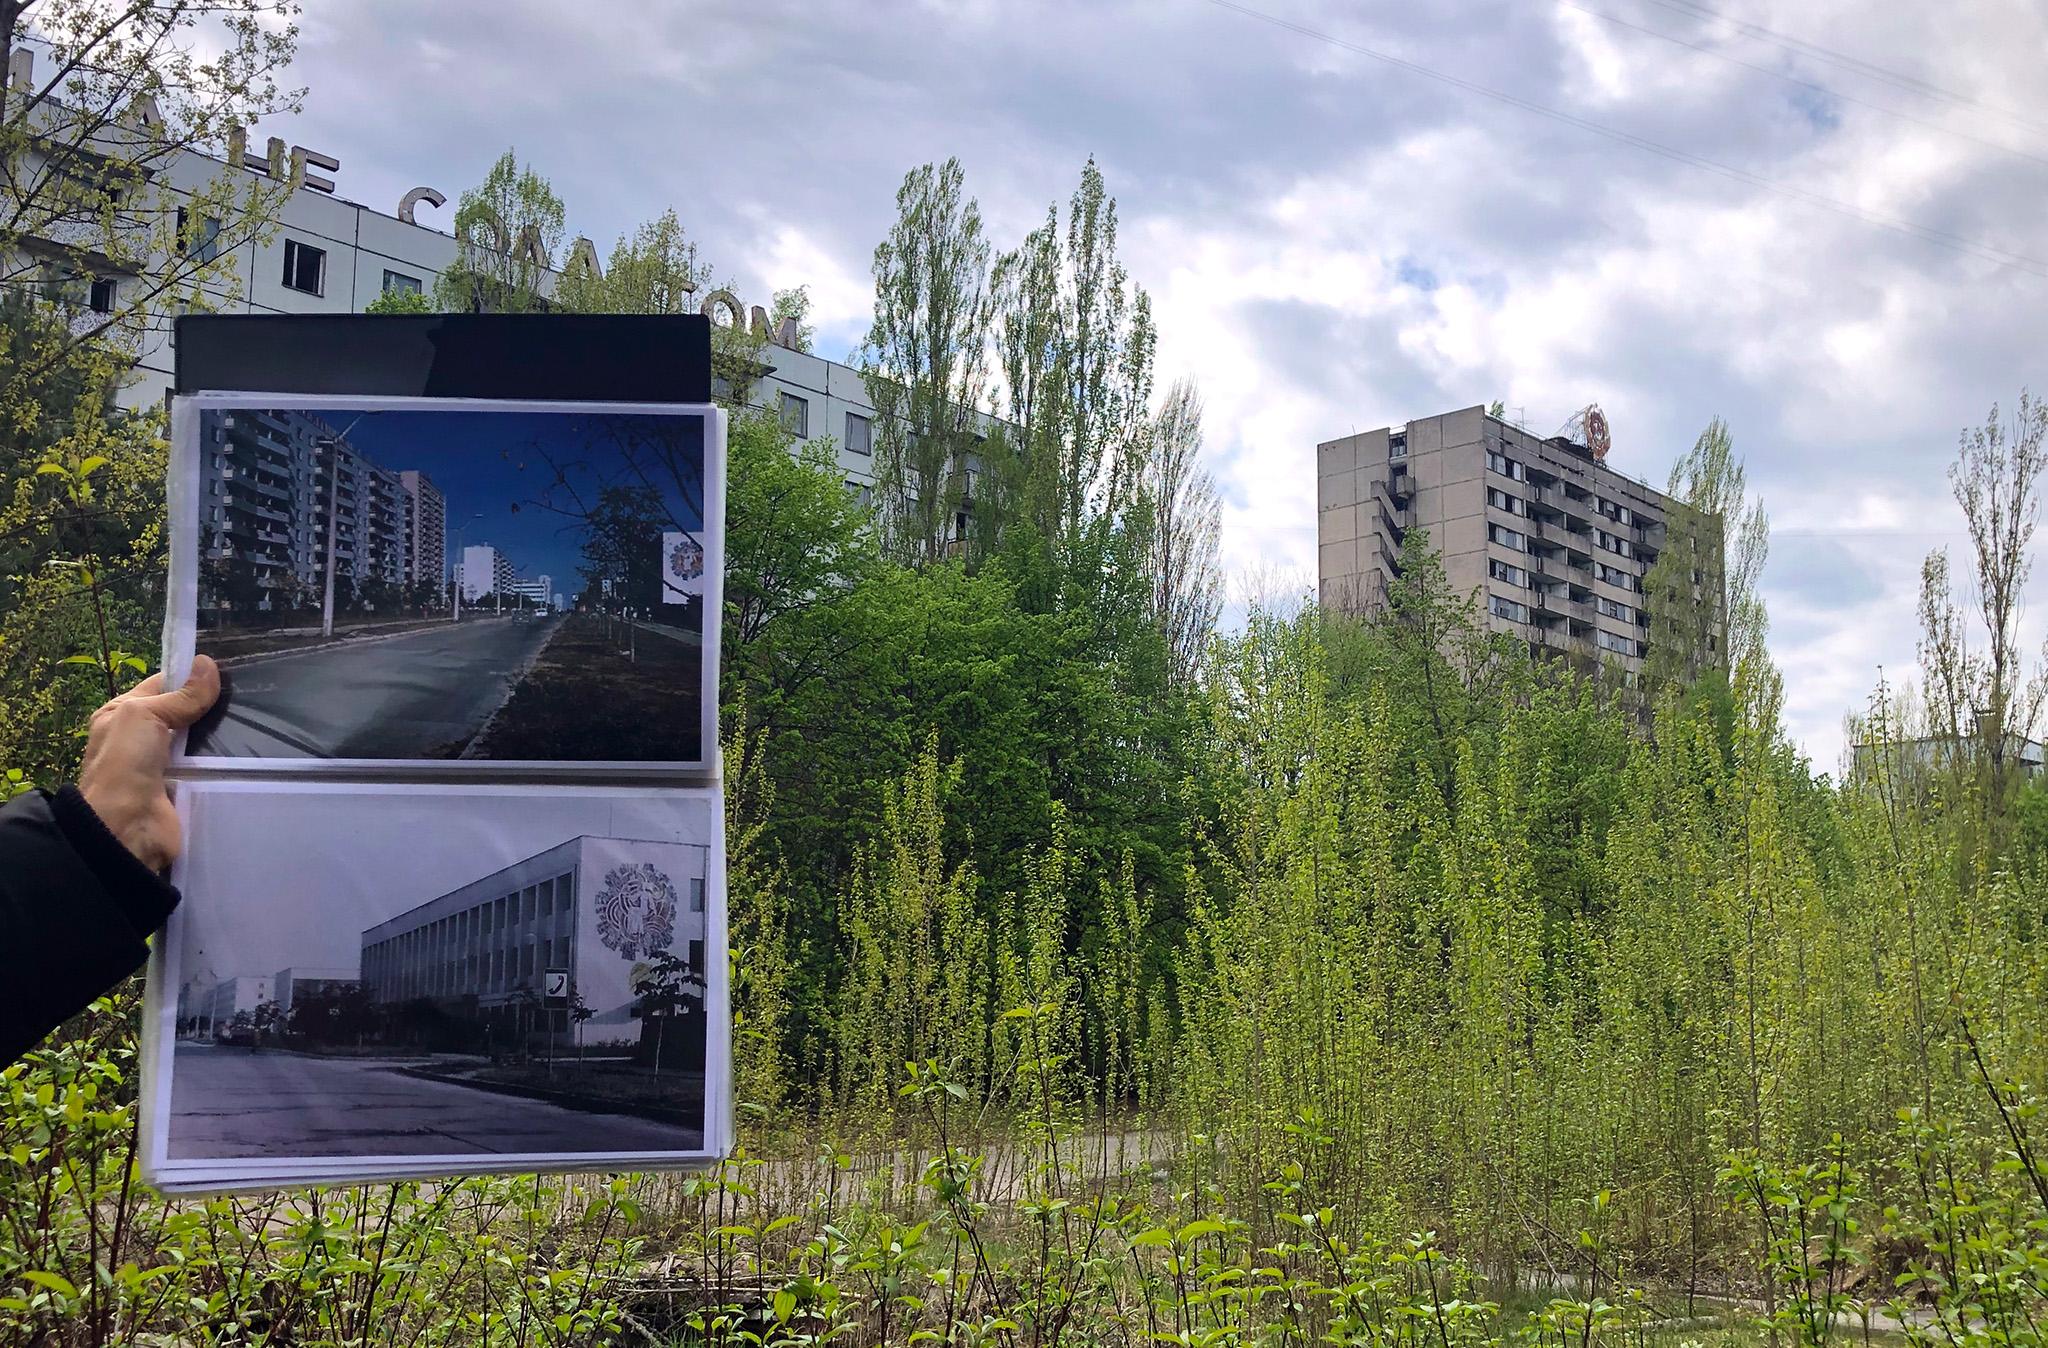 Visitar Chernóbil - Visitar Chernobyl Ucrania Ukraine Pripyat visitar chernóbil - 32891479617 0c4e09aa04 o - Visitar Chernóbil: el lugar más contaminado del planeta